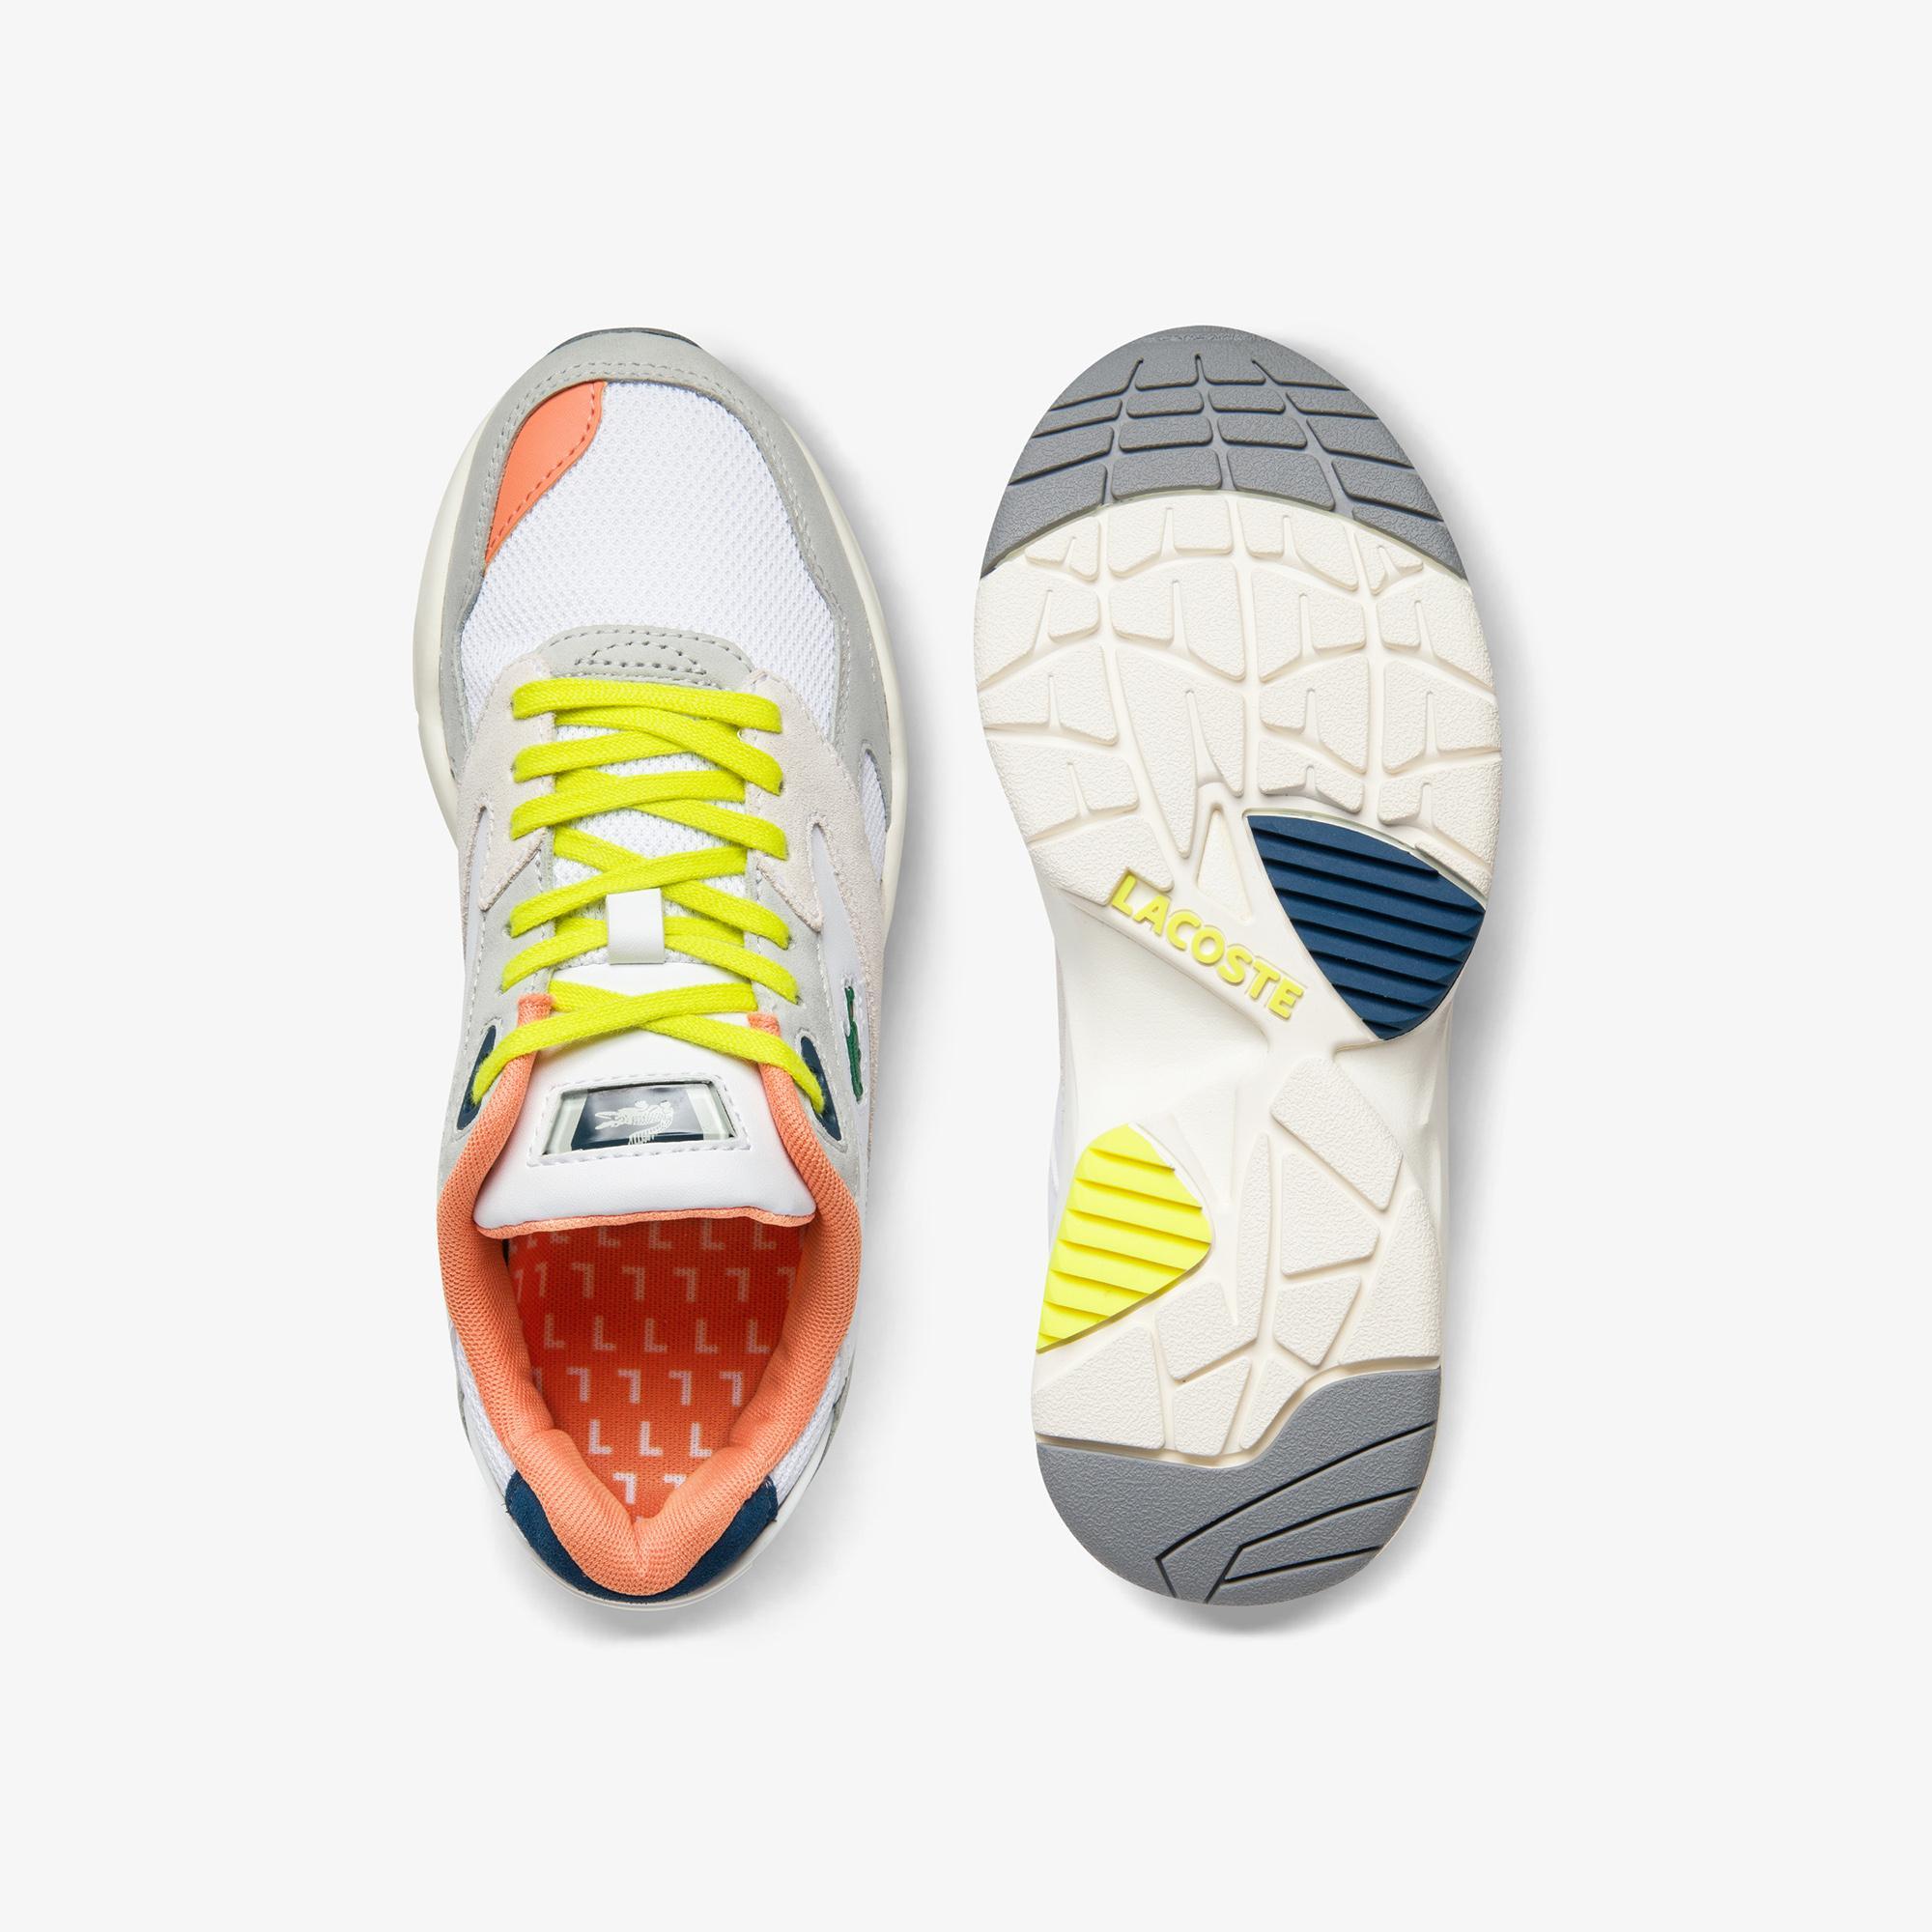 Lacoste Storm 96 Lo 0120 2 Sfa Kadın Açık Gri - Koyu Mavi Sneaker